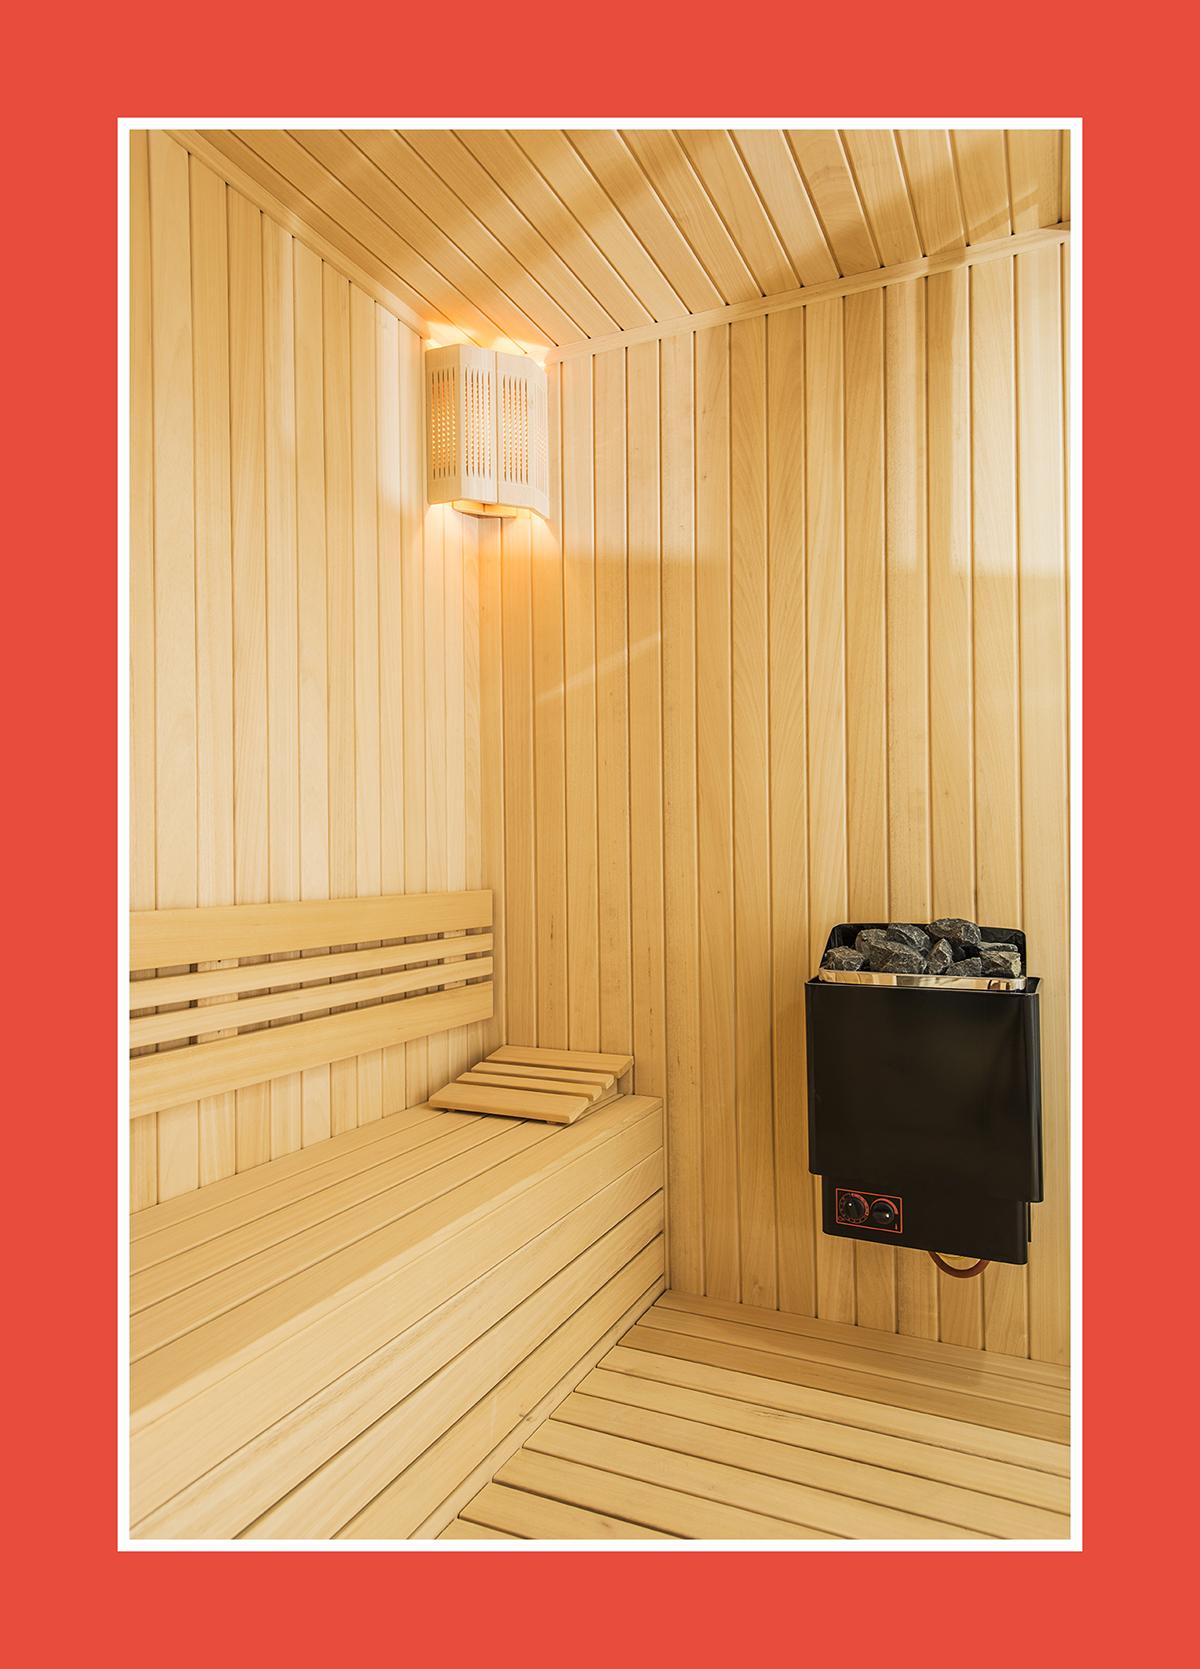 Mini-Saunaofen an der Wand